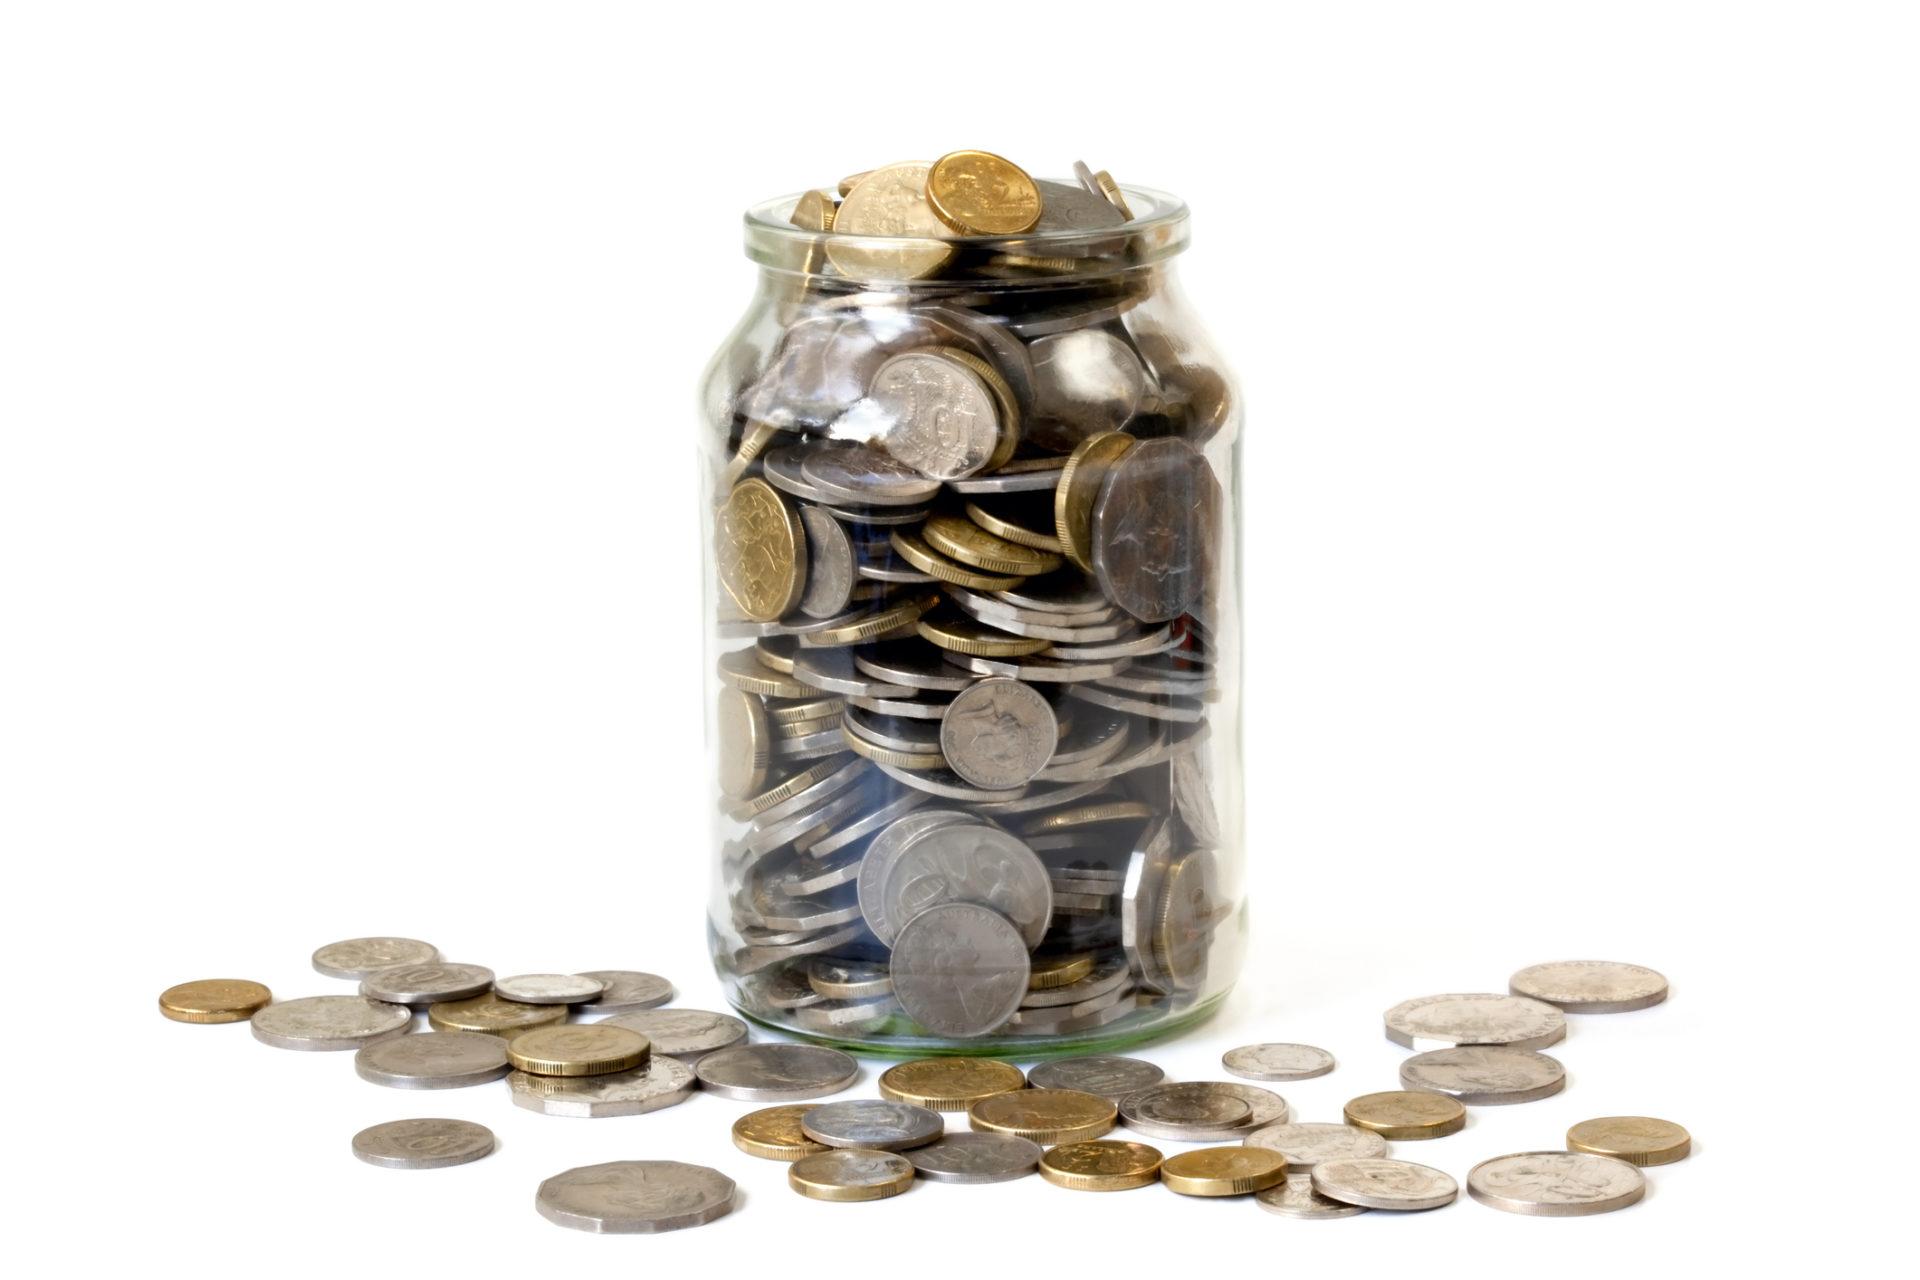 Pote com moedas dentro - Twitter Tip Jar